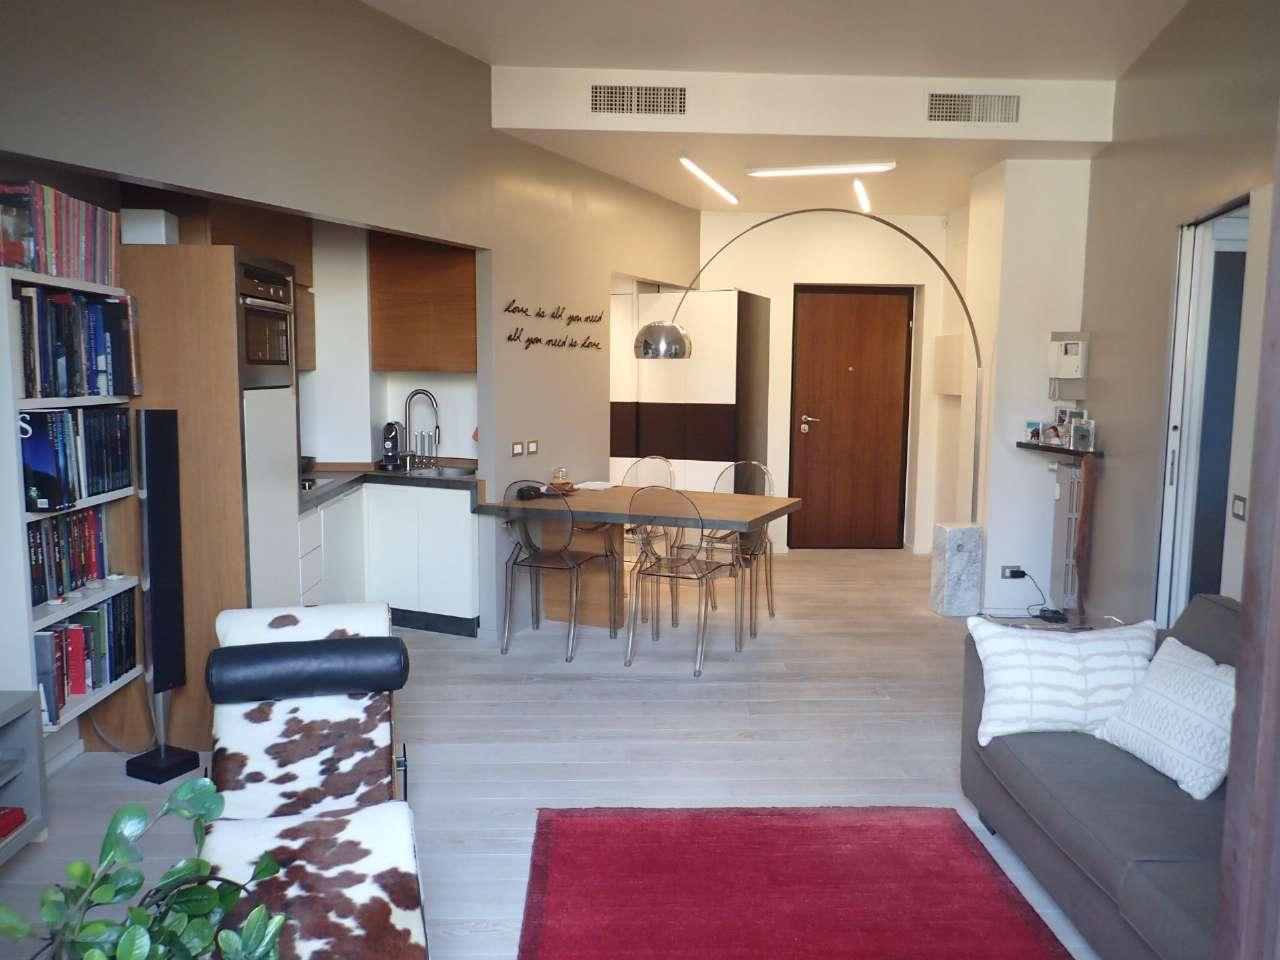 Appartamento di lusso in vendita a milano corso magenta for Vendita immobili di lusso milano